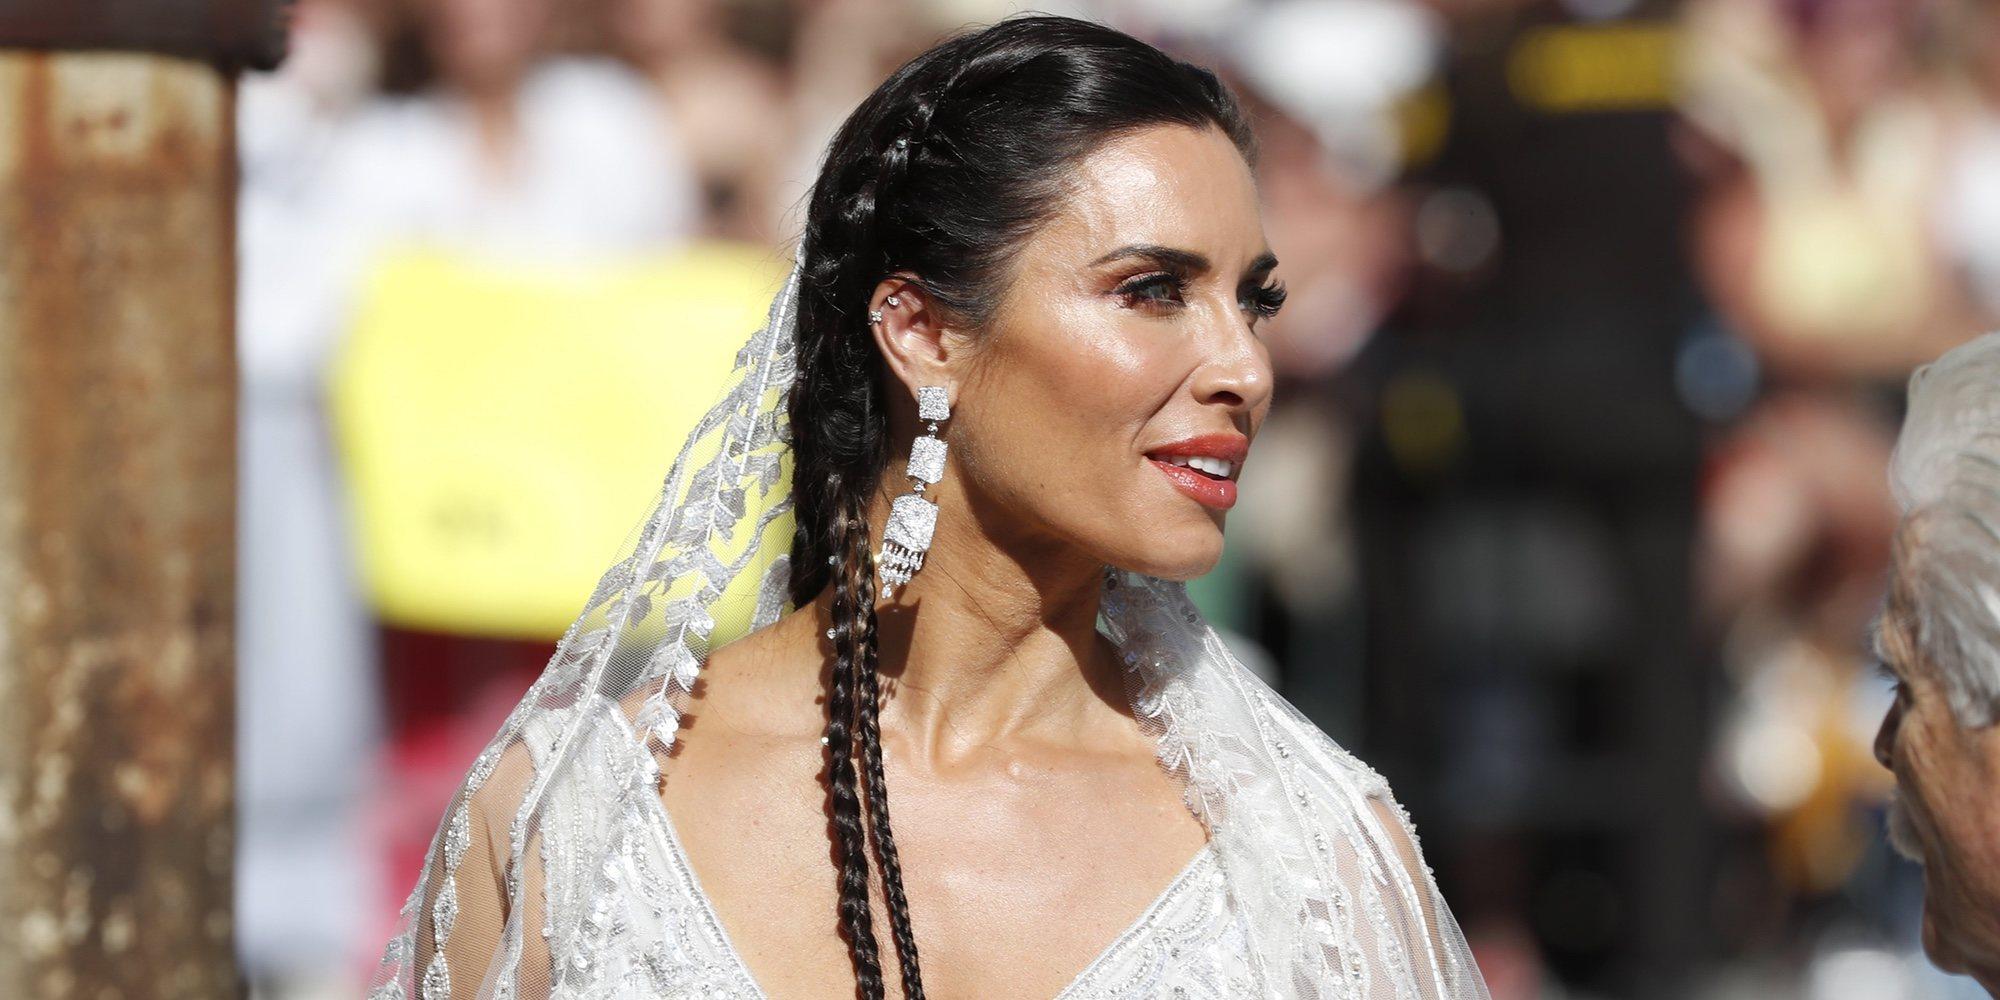 Las primas de Pilar Rubio se quejan de los precios de los hoteles donde se han hospedado durante la boda